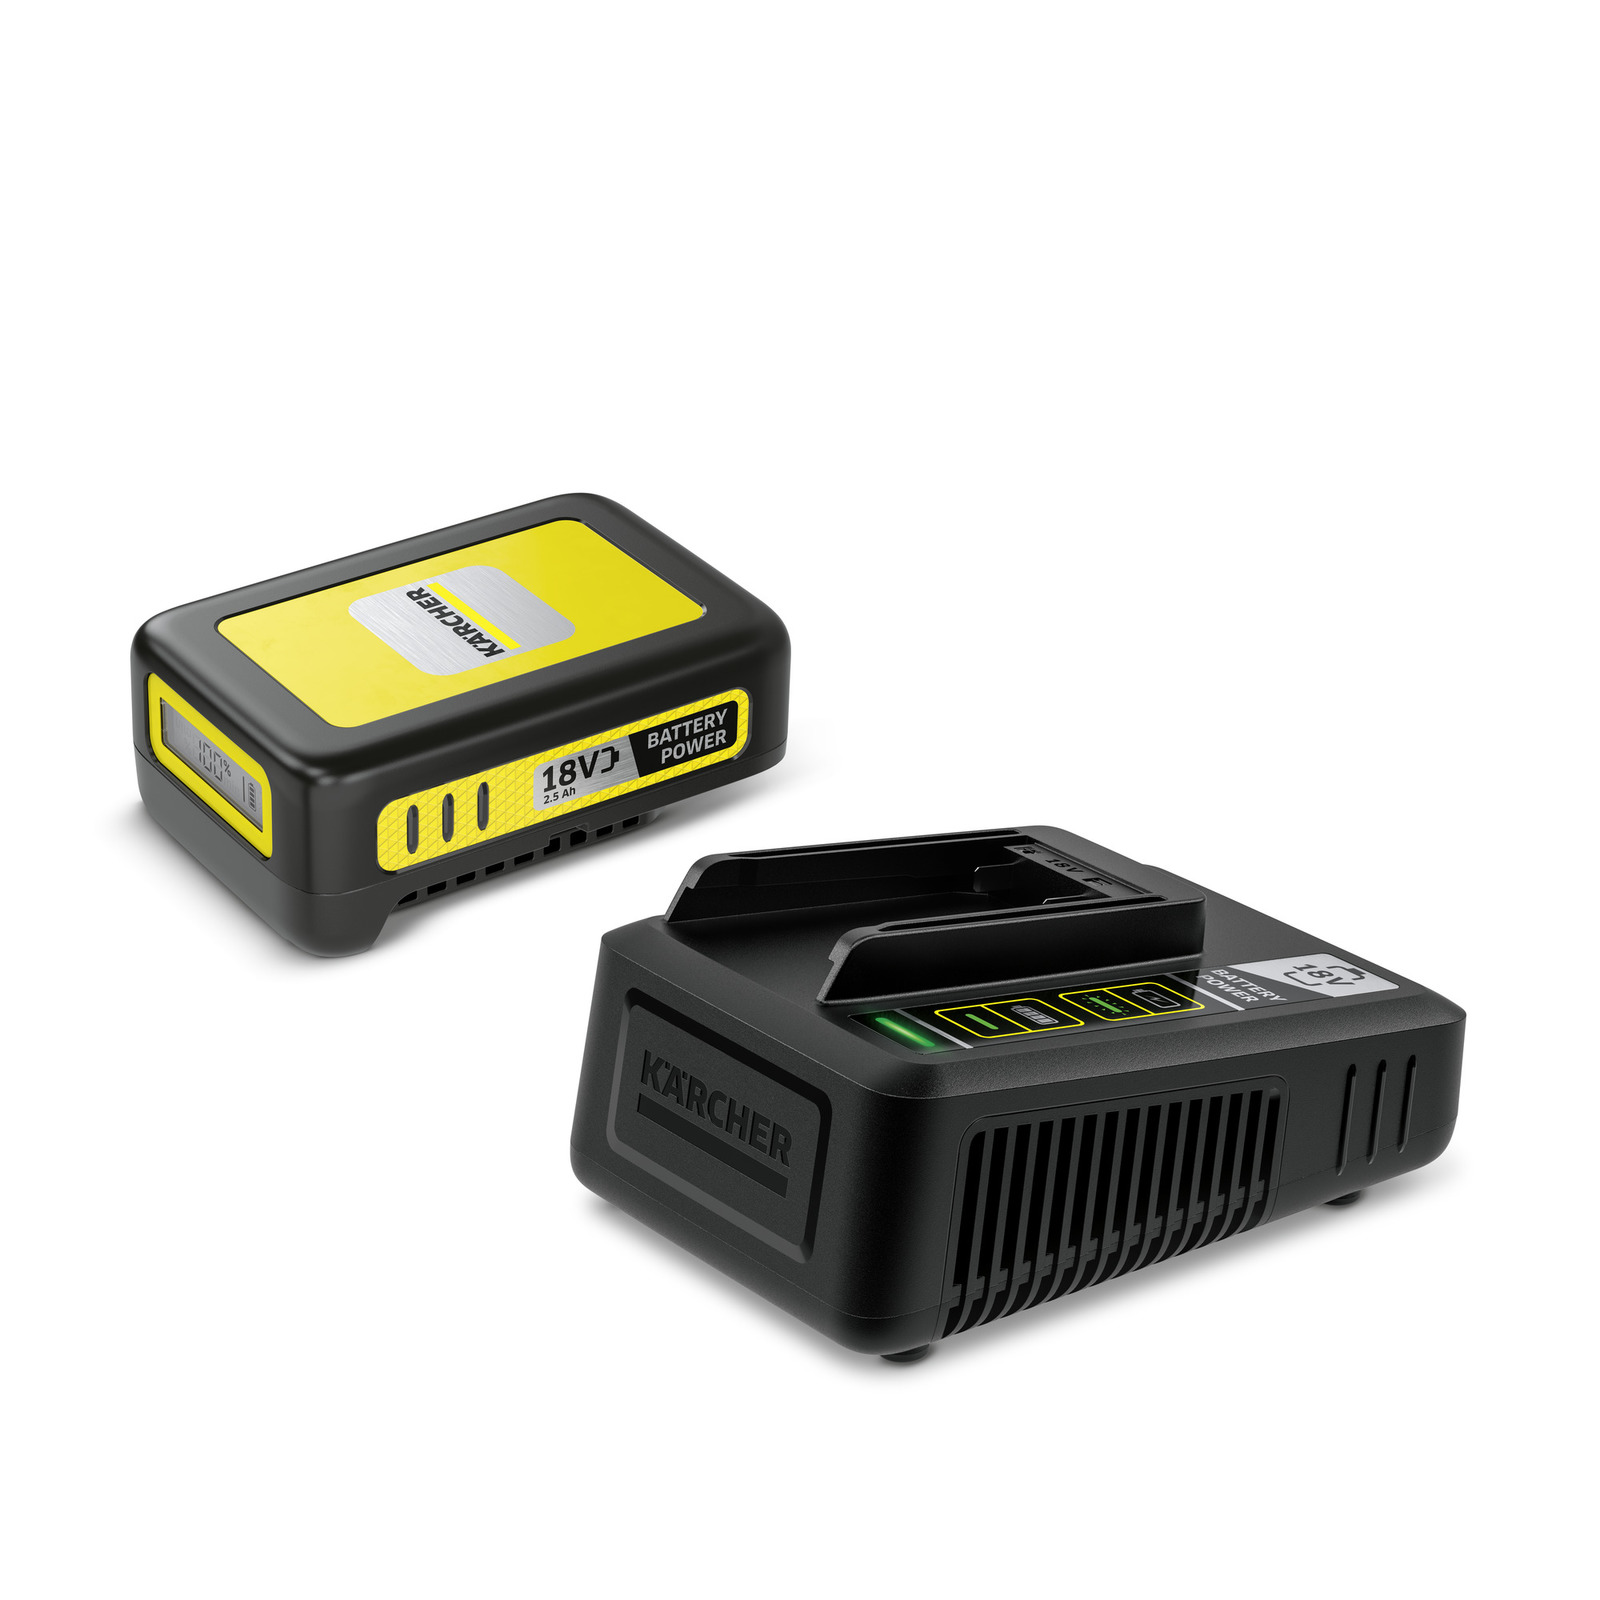 Kärcher - Starter kit Battery Power 18/25